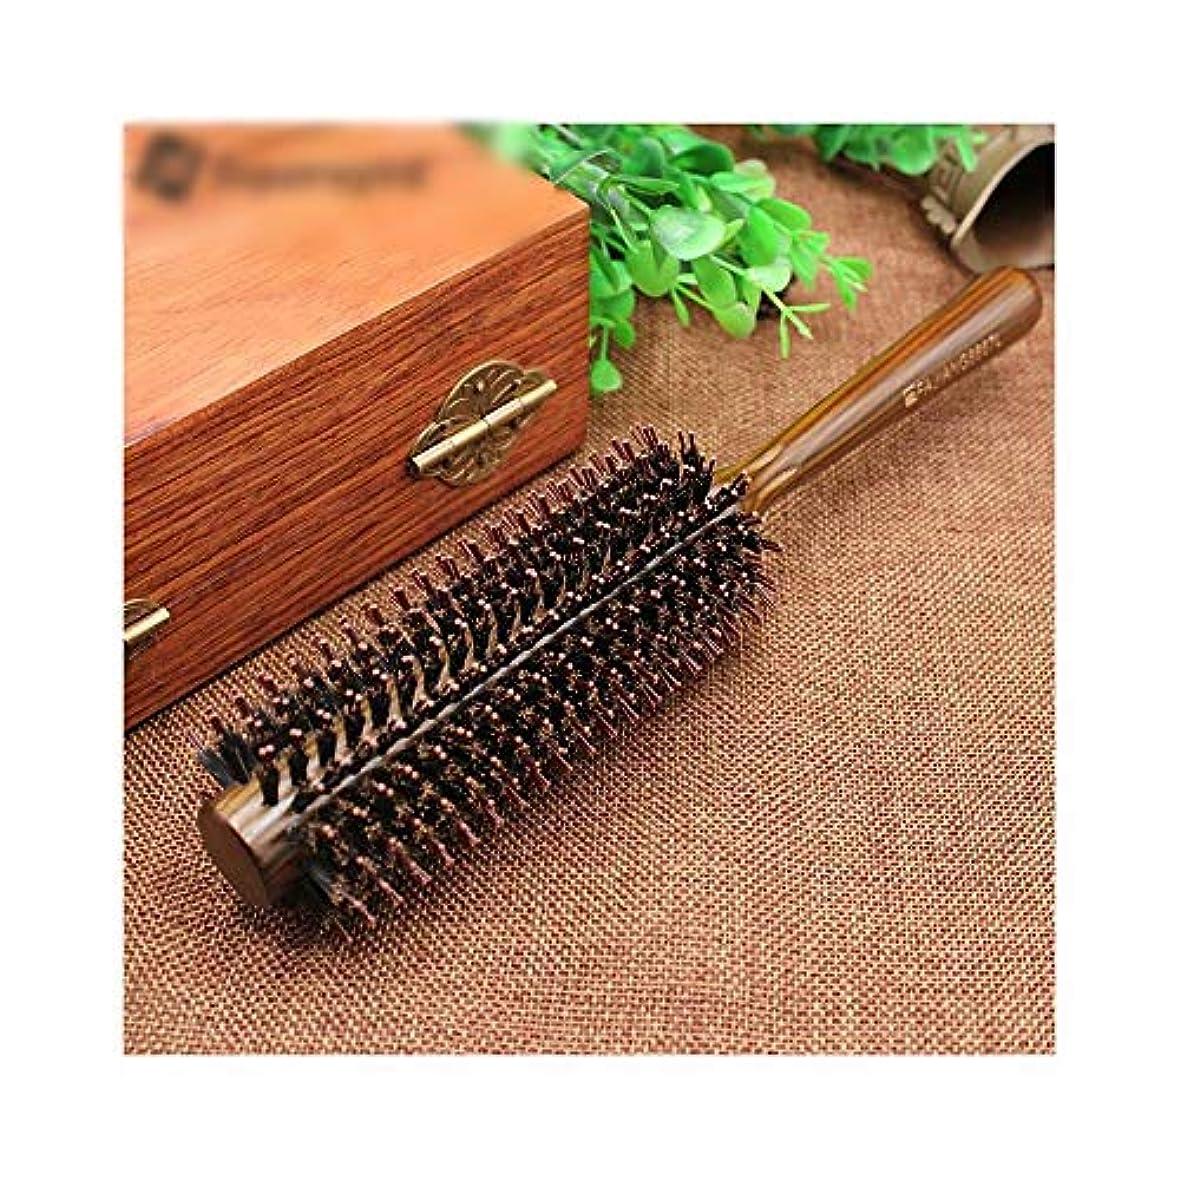 販売員センブランス喉が渇いたWASAIO ヘアーサロンの毛の設計のための毛のブラシの転がり櫛シリンダー木のハンドルの櫛 (サイズ : S)